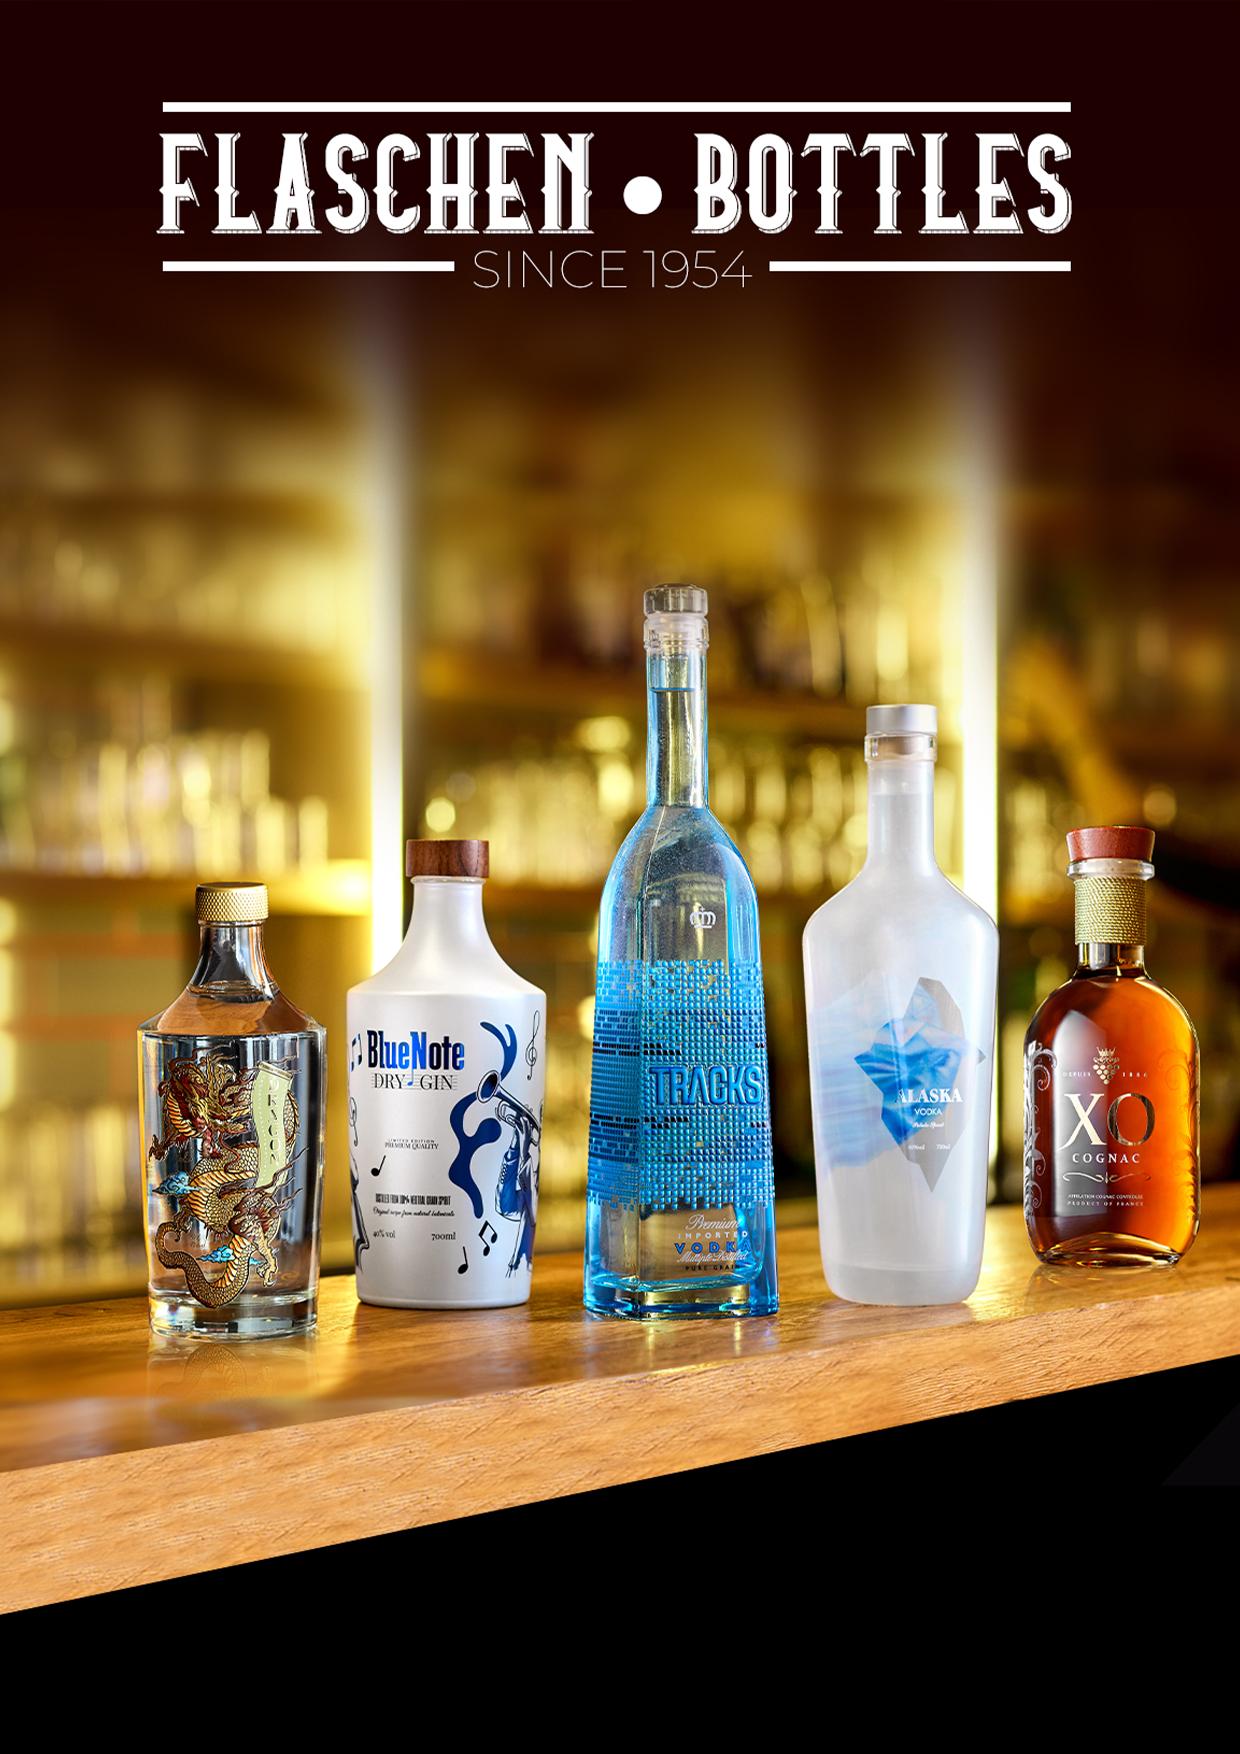 Flaschen, Bottles, bedruckte Flaschen, Flaschen bedrucken